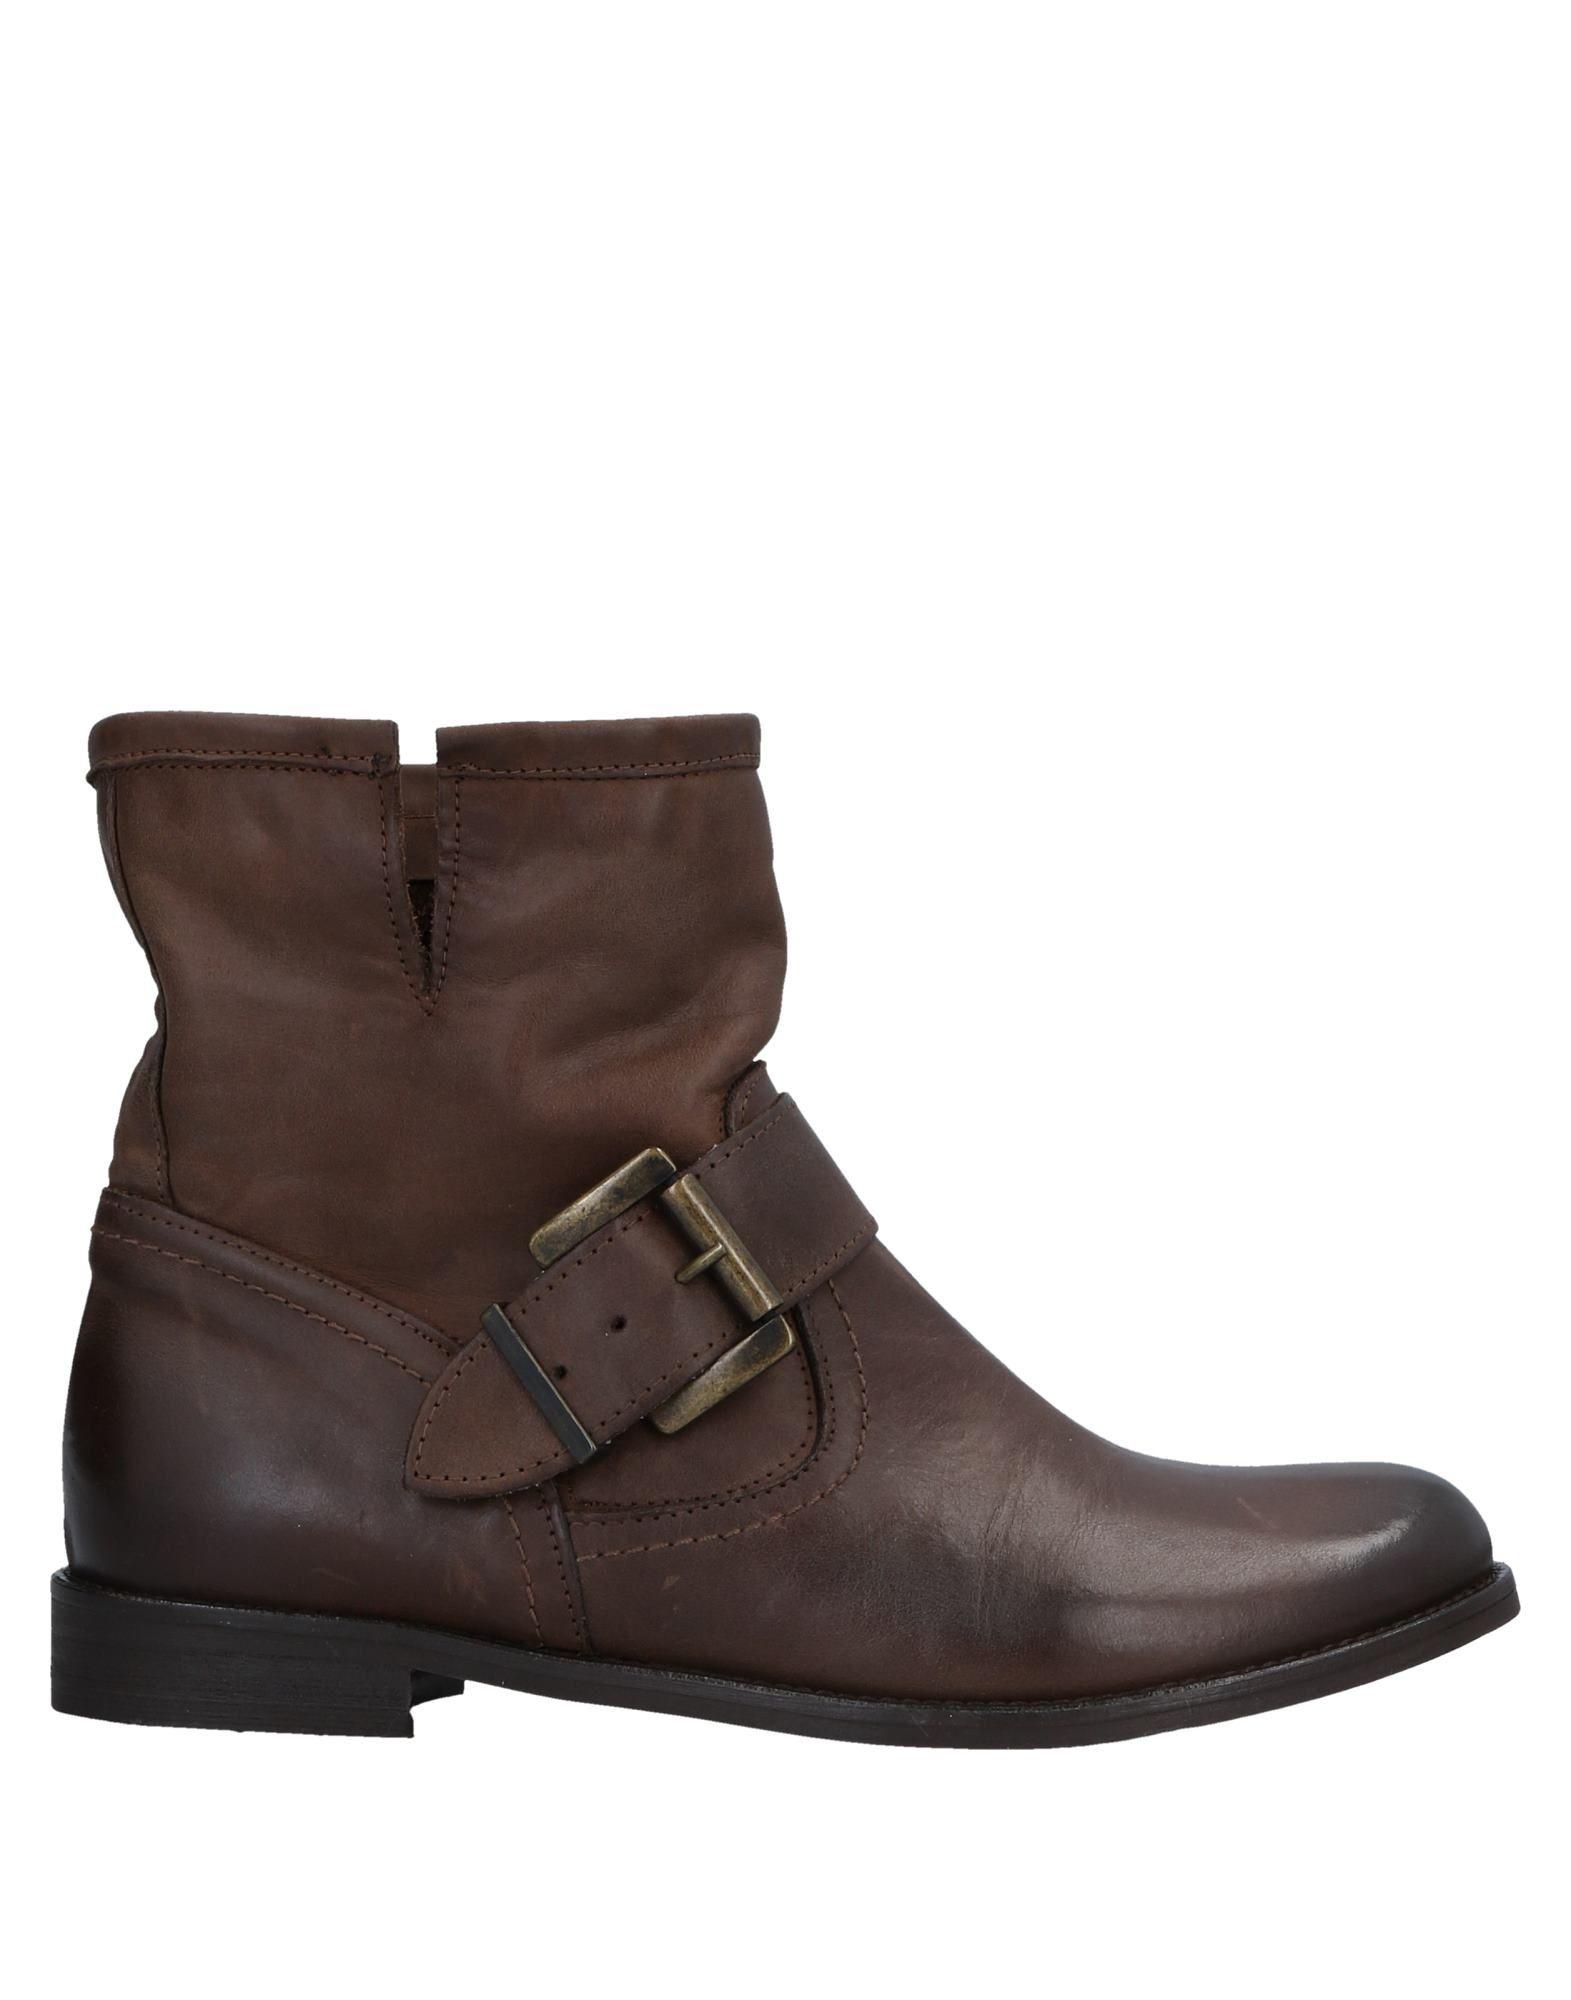 Stilvolle billige Schuhe Chocolà Stiefelette Damen  11526219SE